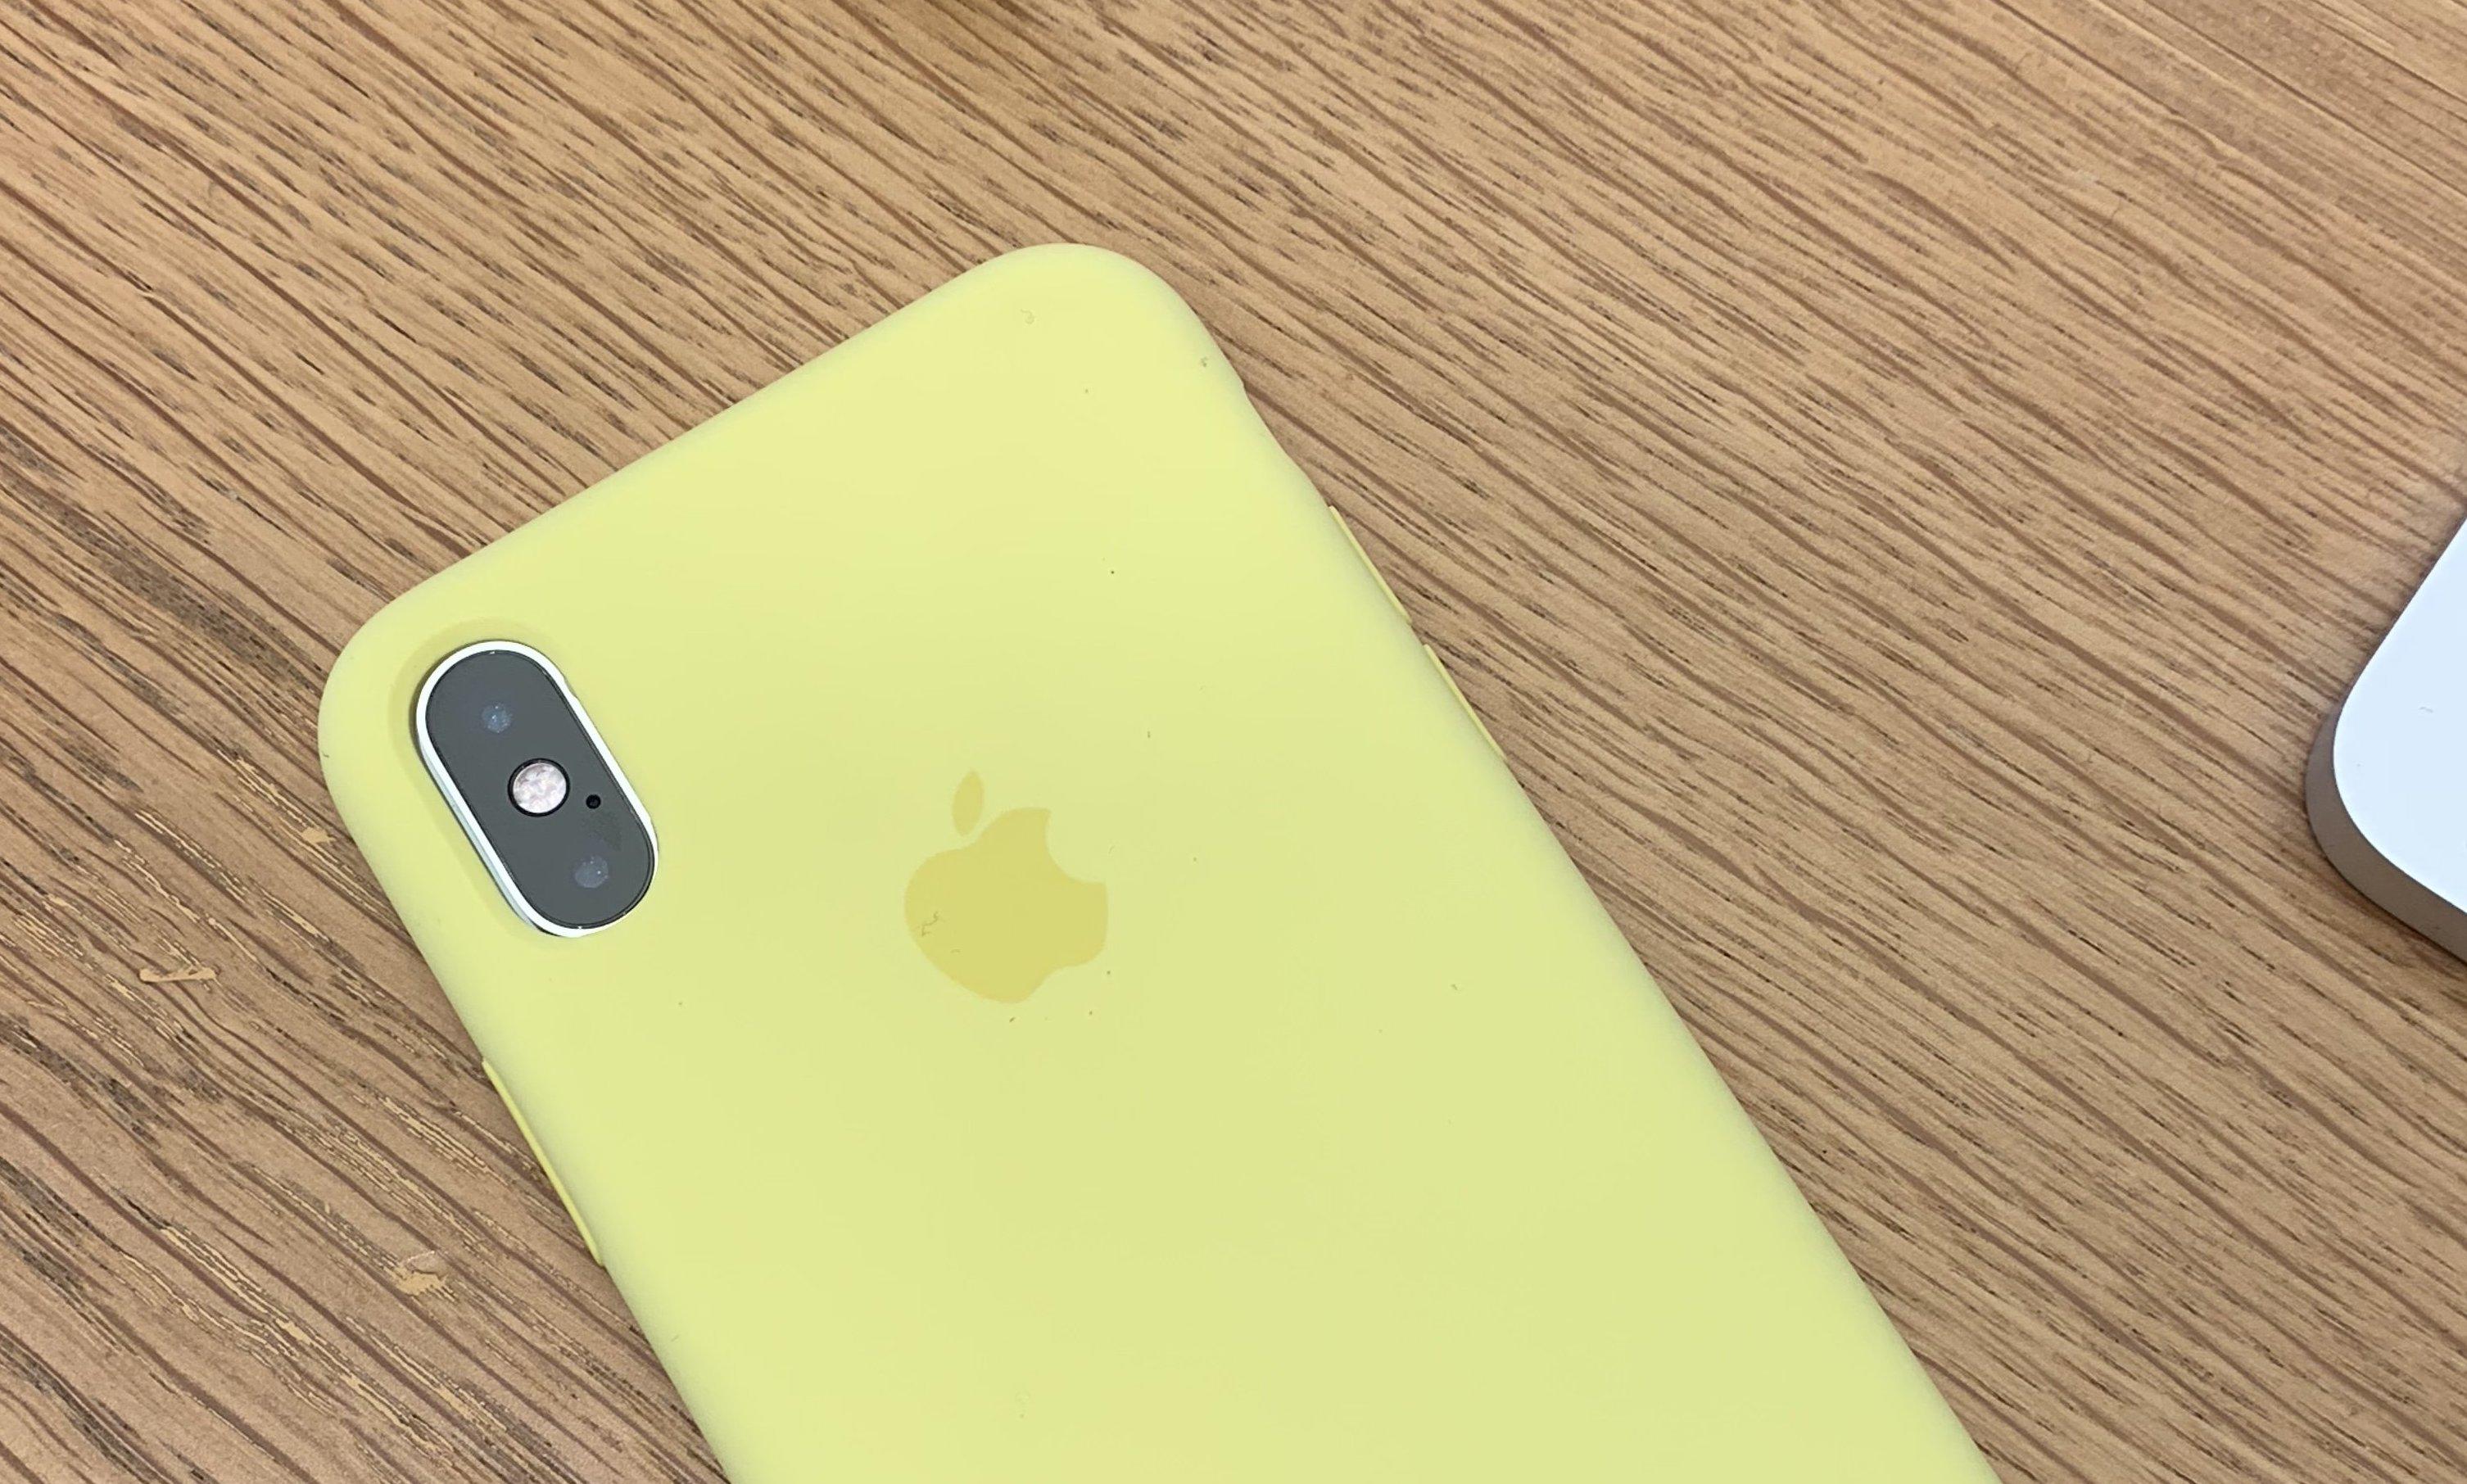 Чехол от iPhone X надетый на iPhone Xs